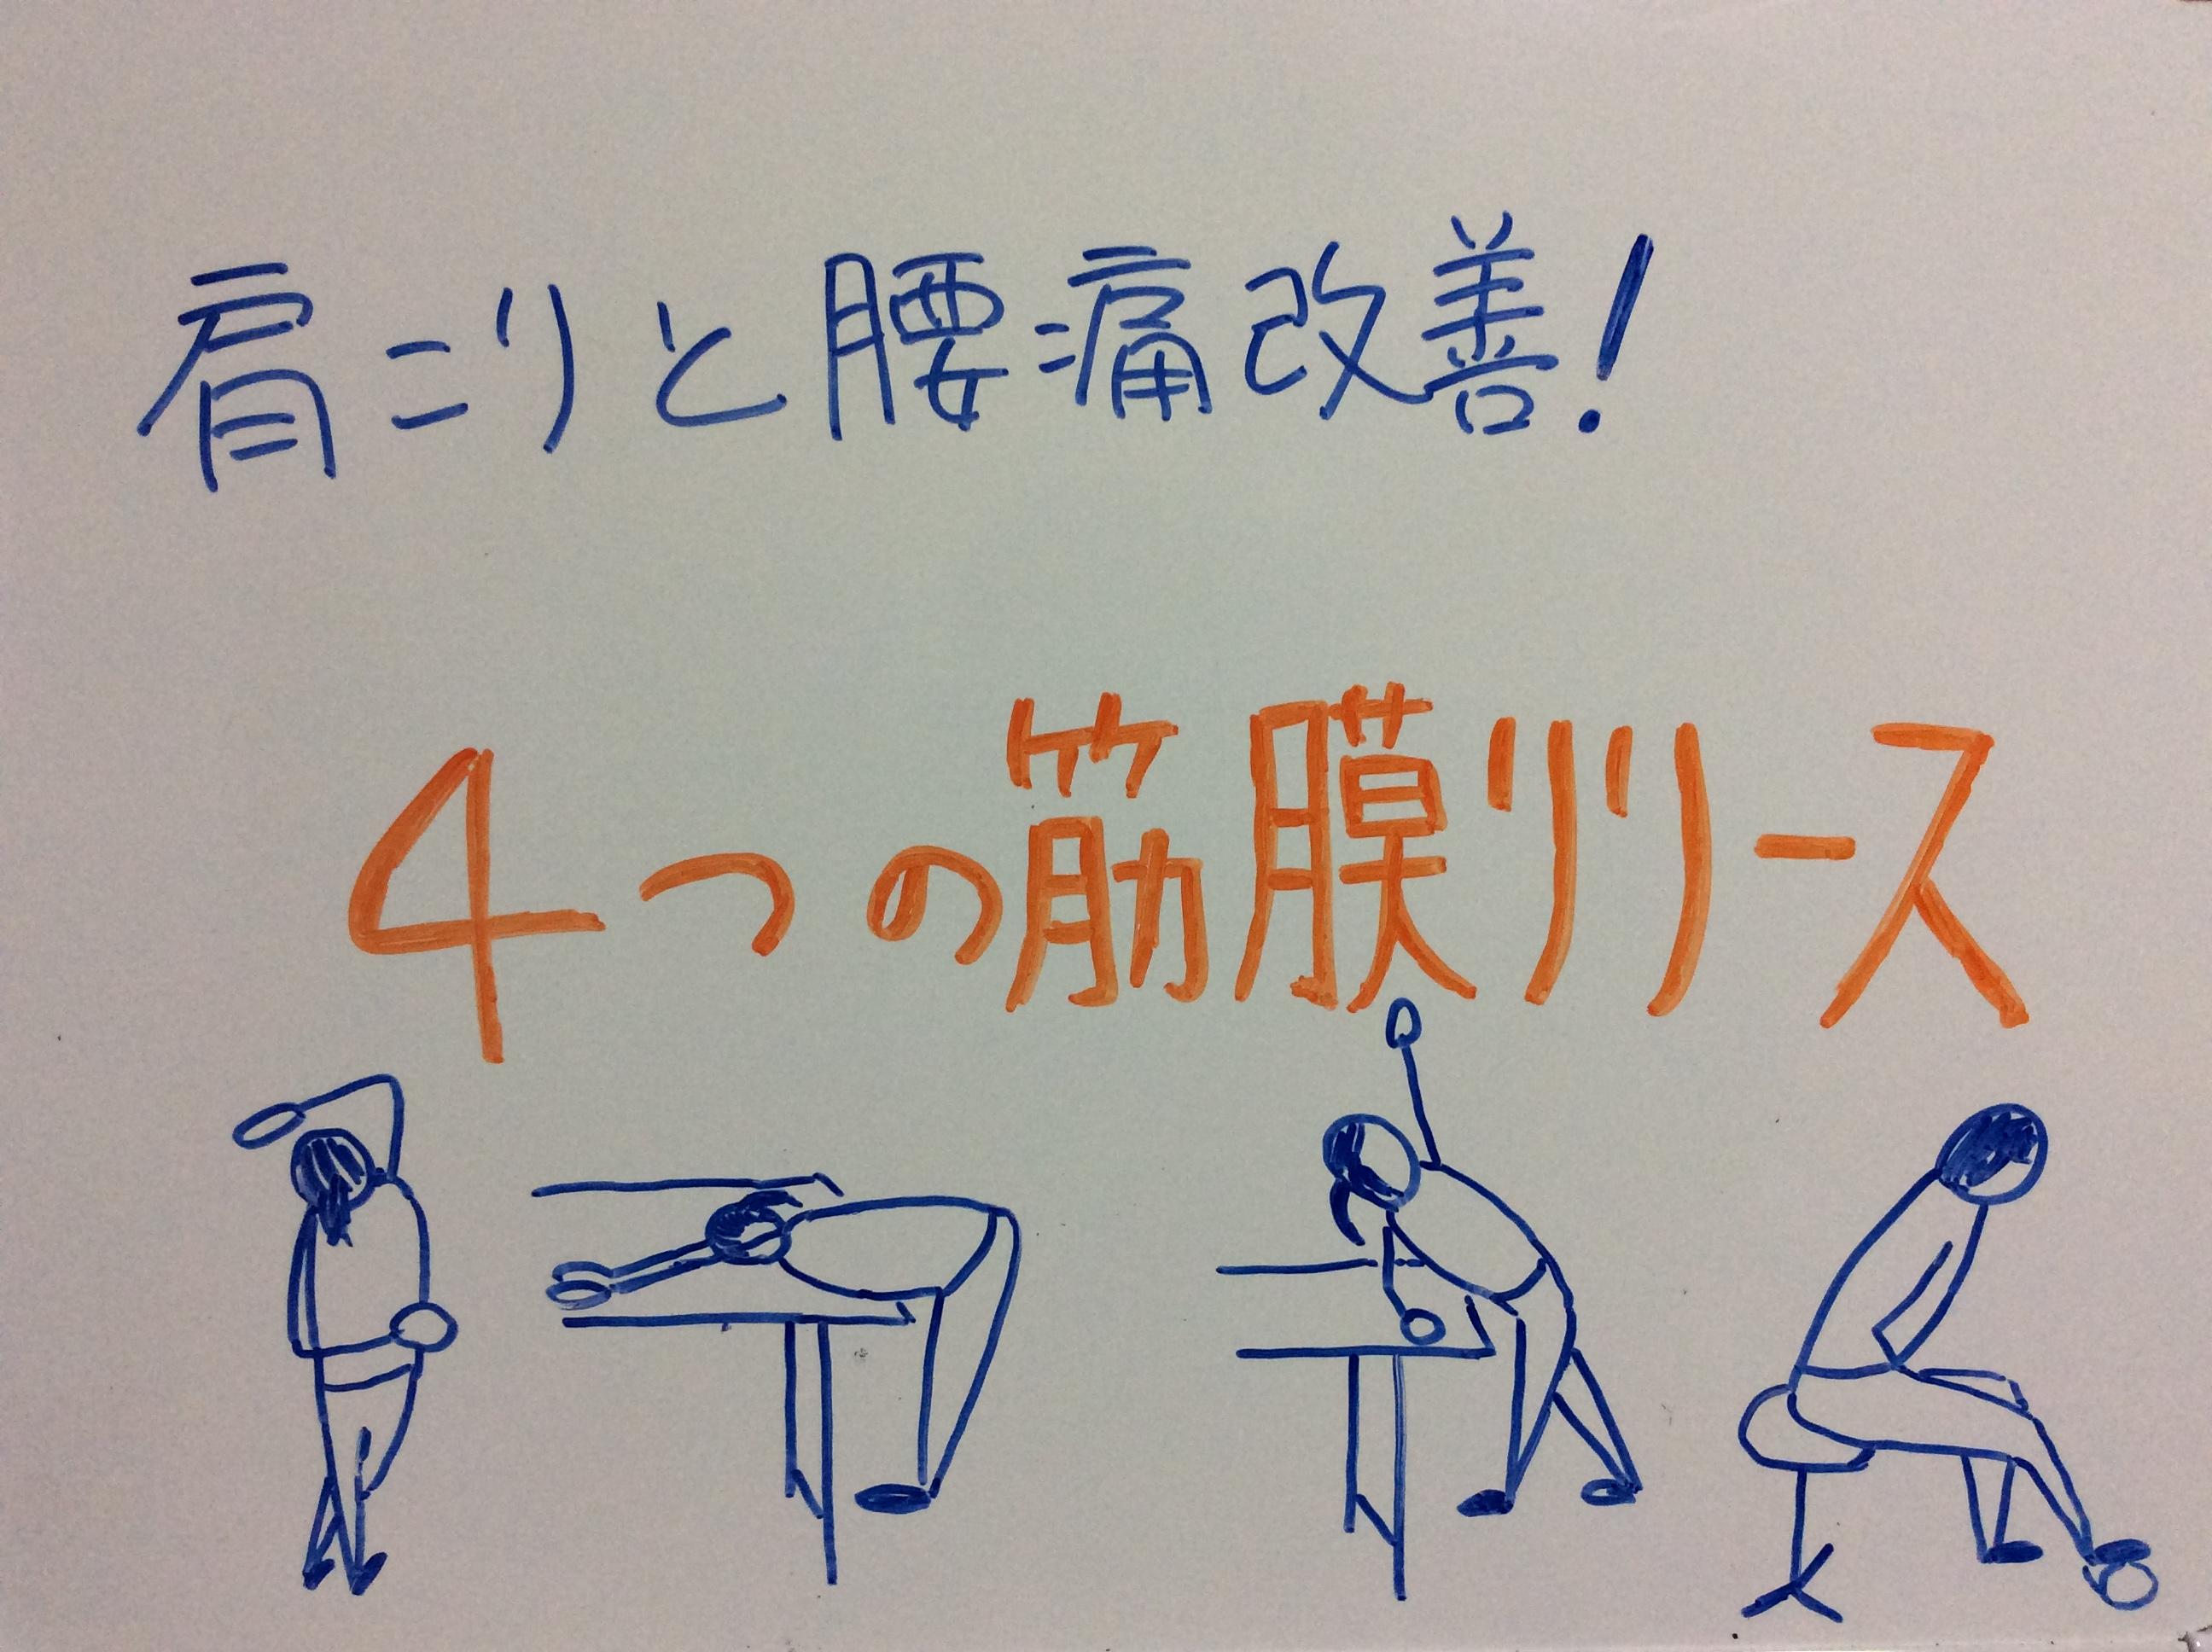 肩こり腰痛改善 筋膜リリースのイメージ